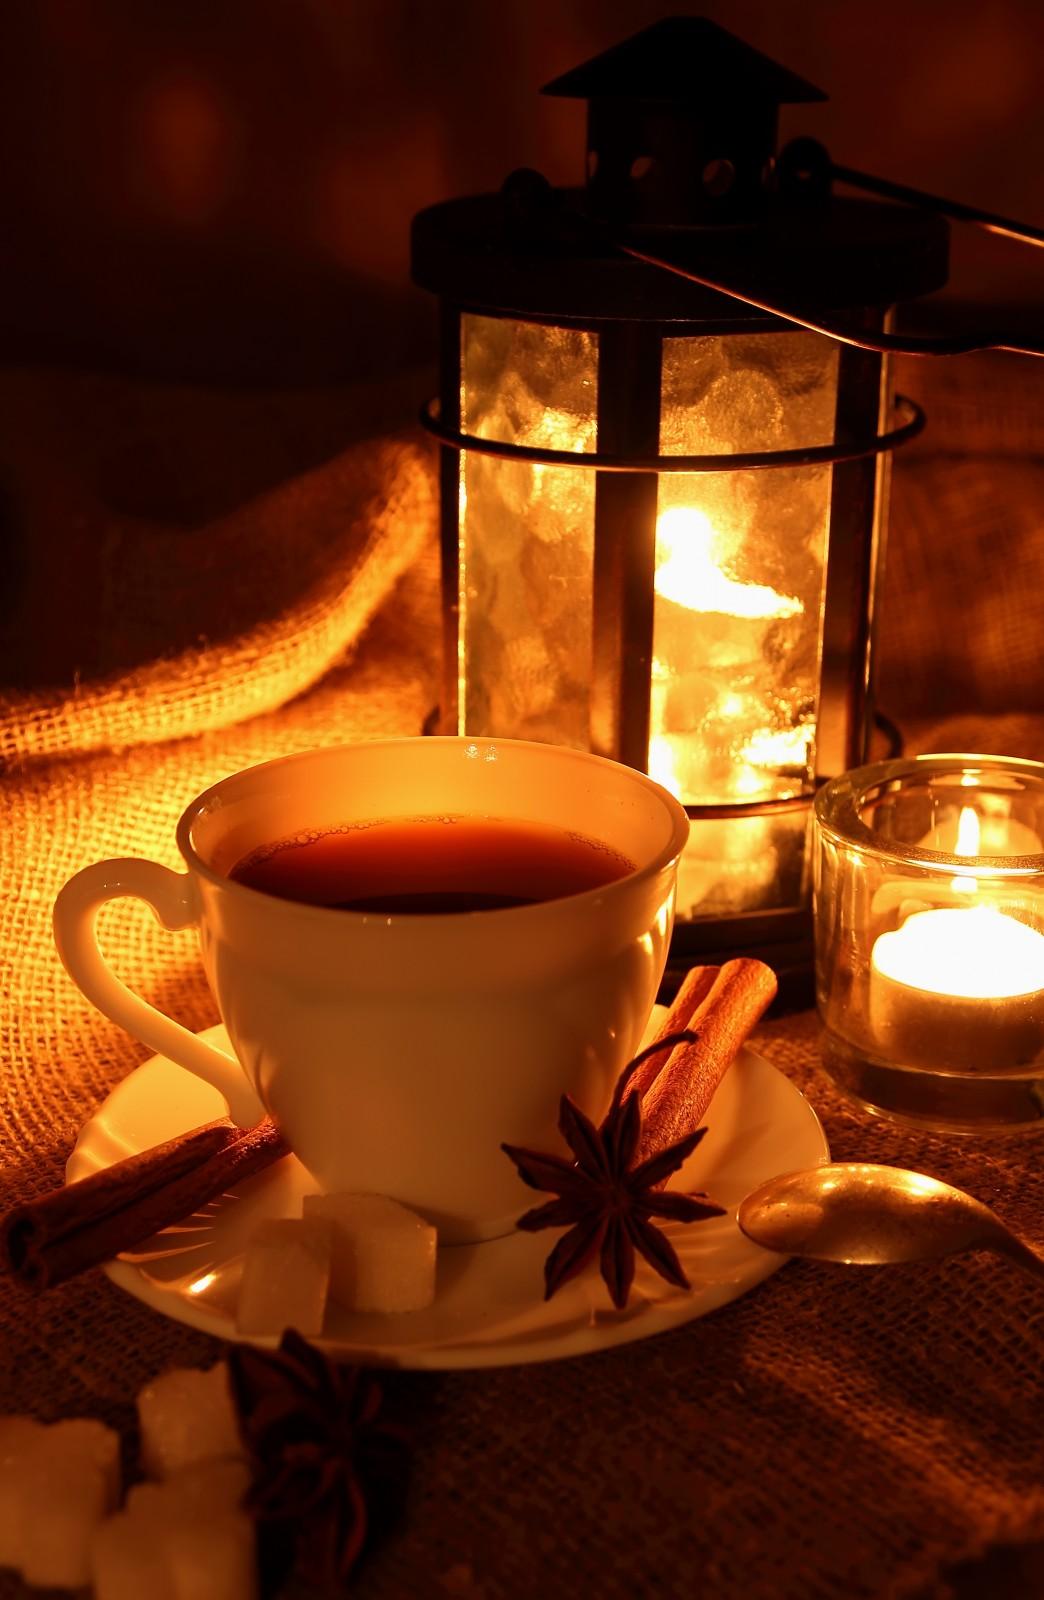 Чай камин вечер